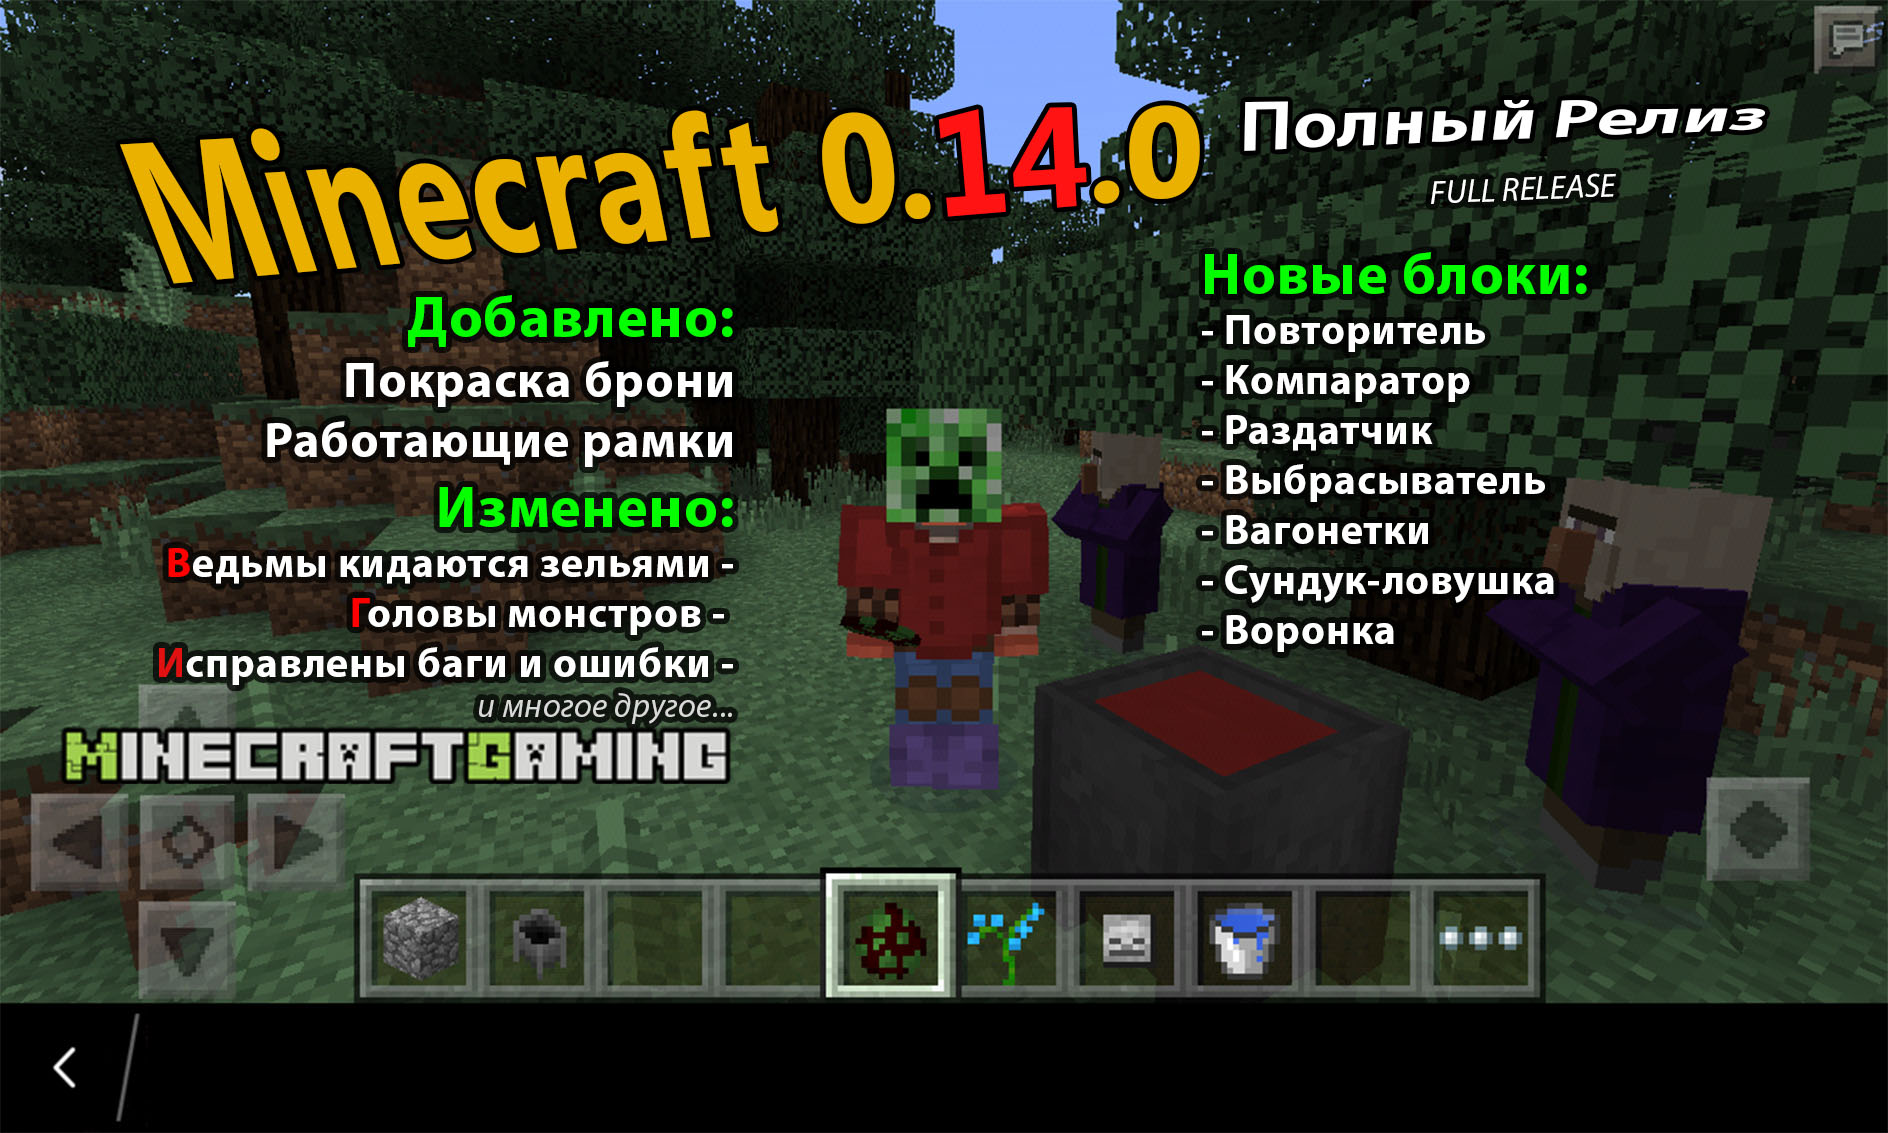 Релизная версия 0.14.0 Minecraft PE. Добавлены рамки, механизмы. В MCPE 0.14.0 Full release появились ведьмы, доступна покраска брони, можно надеть голову моба или тыкву. Исправлено множество ошибок и багов.